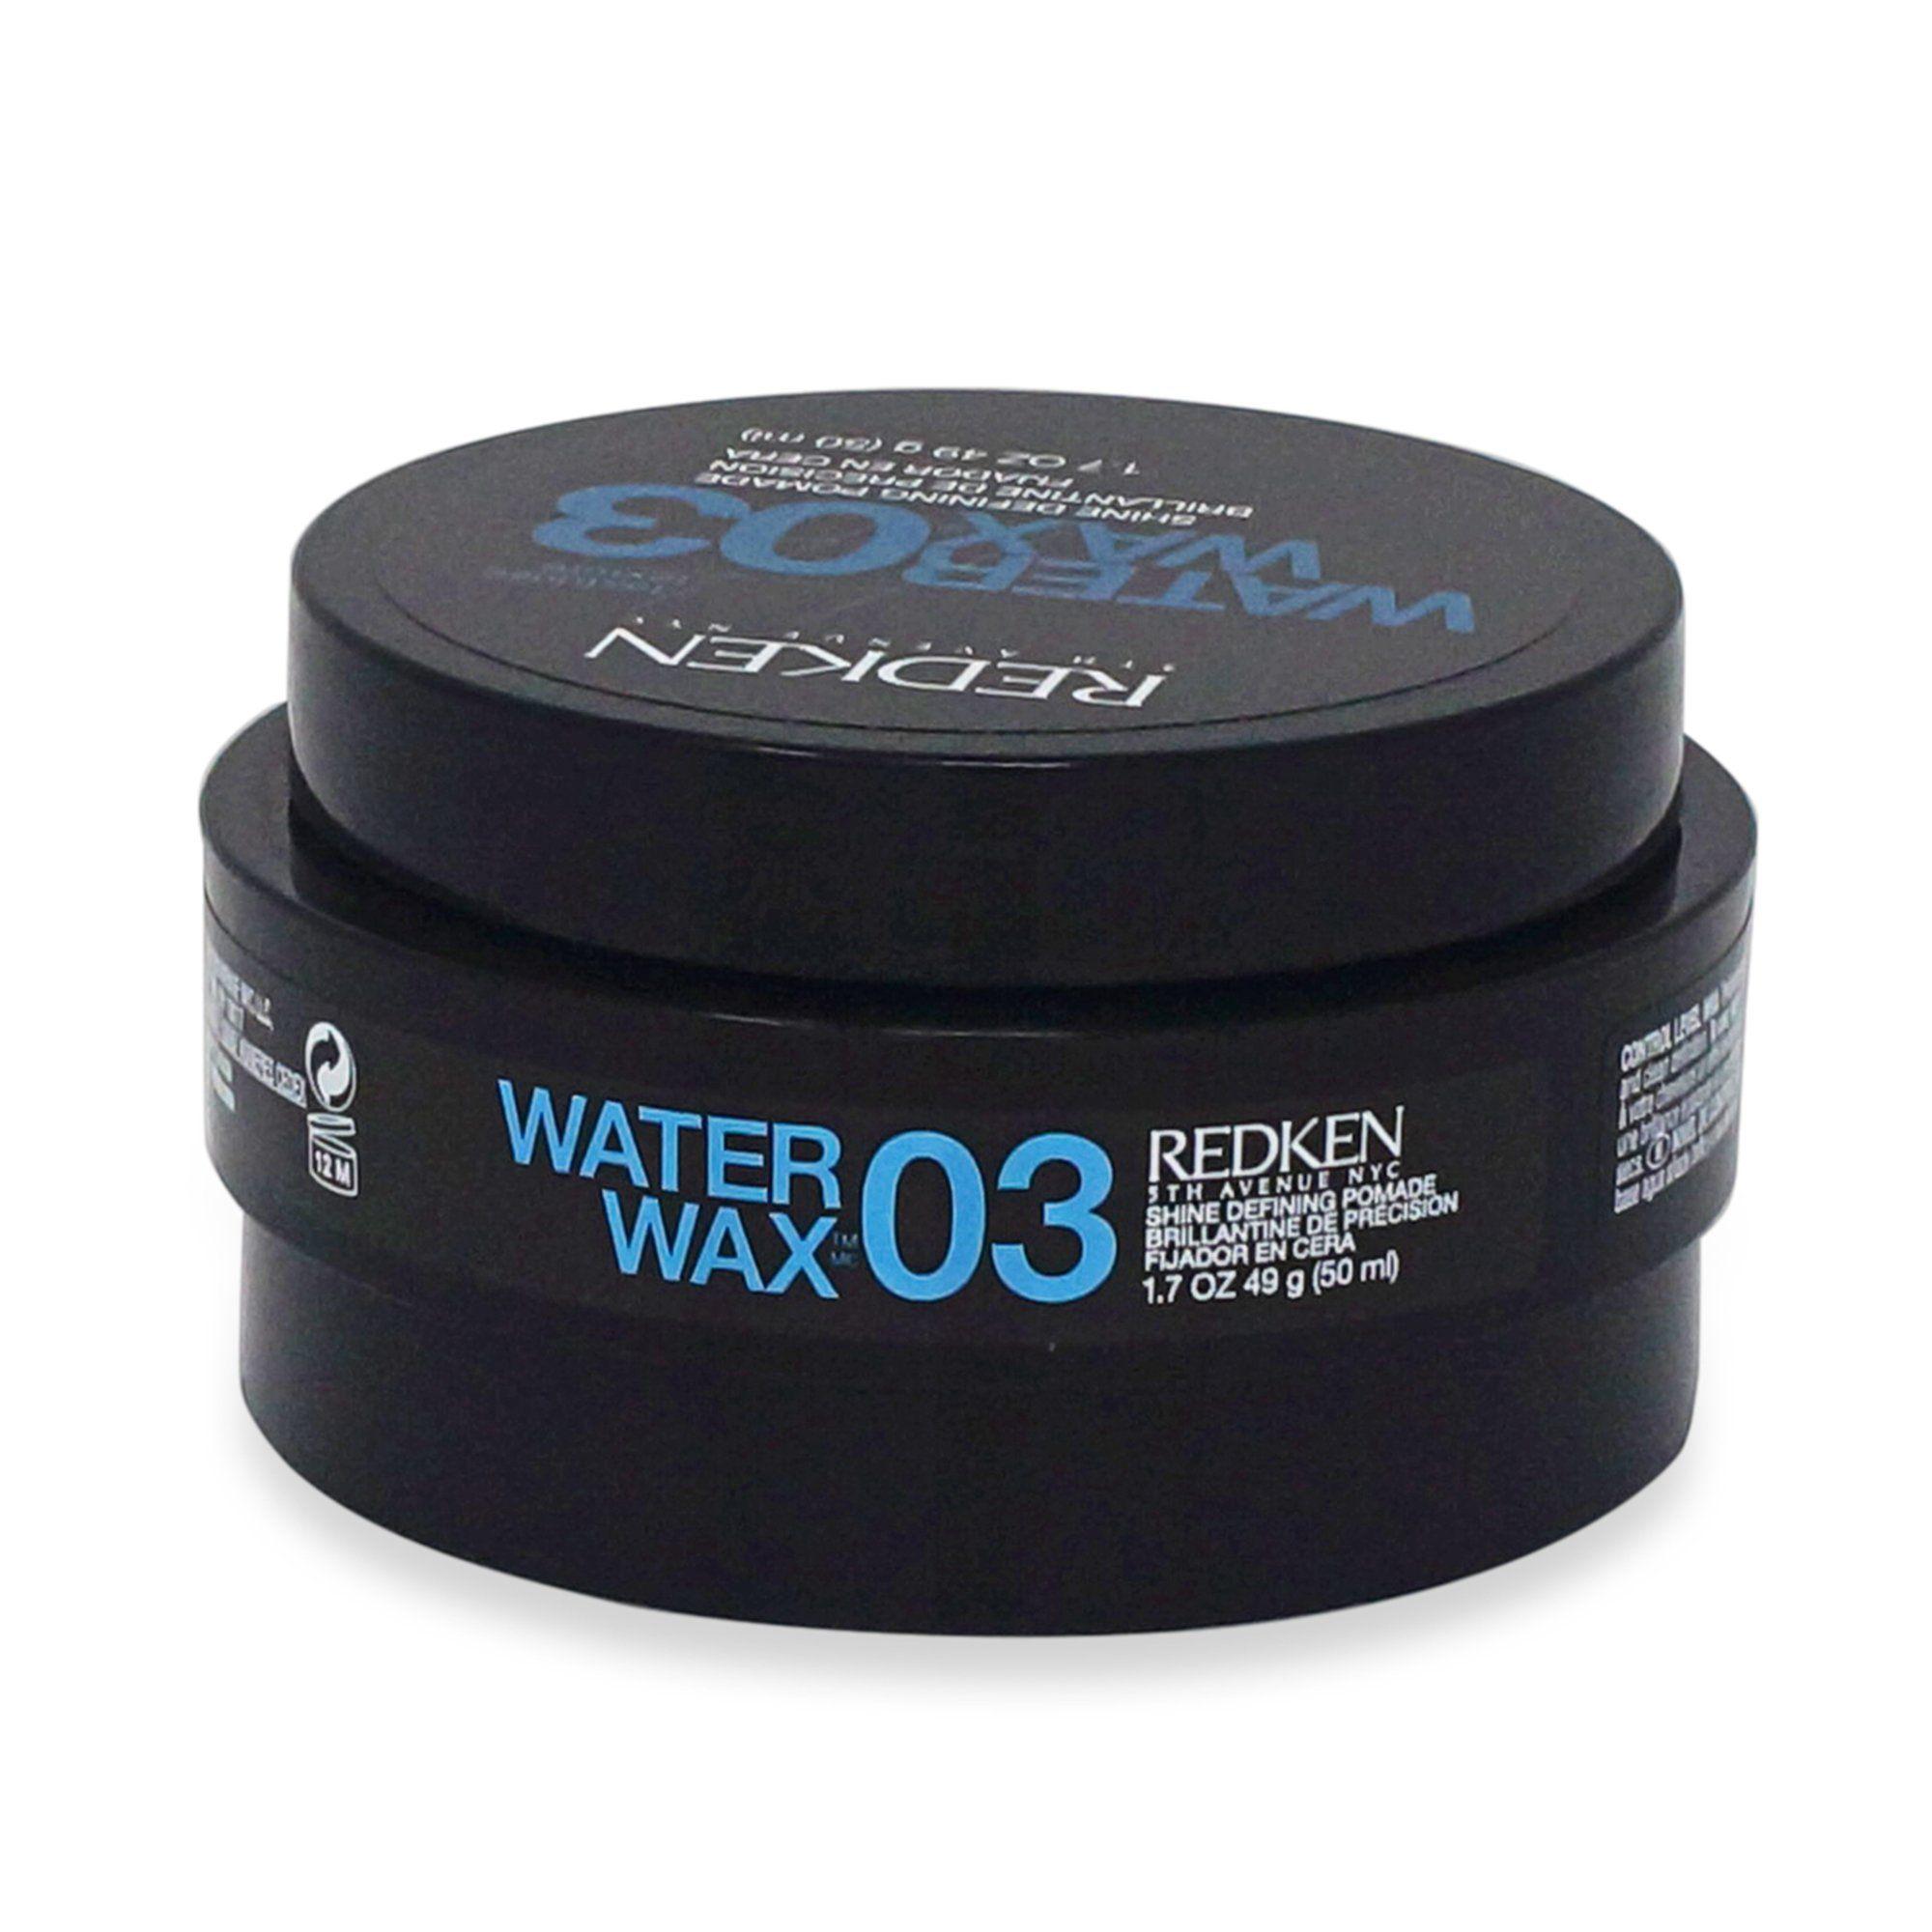 Redken 03 Water Wax Shine Defining Pomade 1.7 Oz Pomade